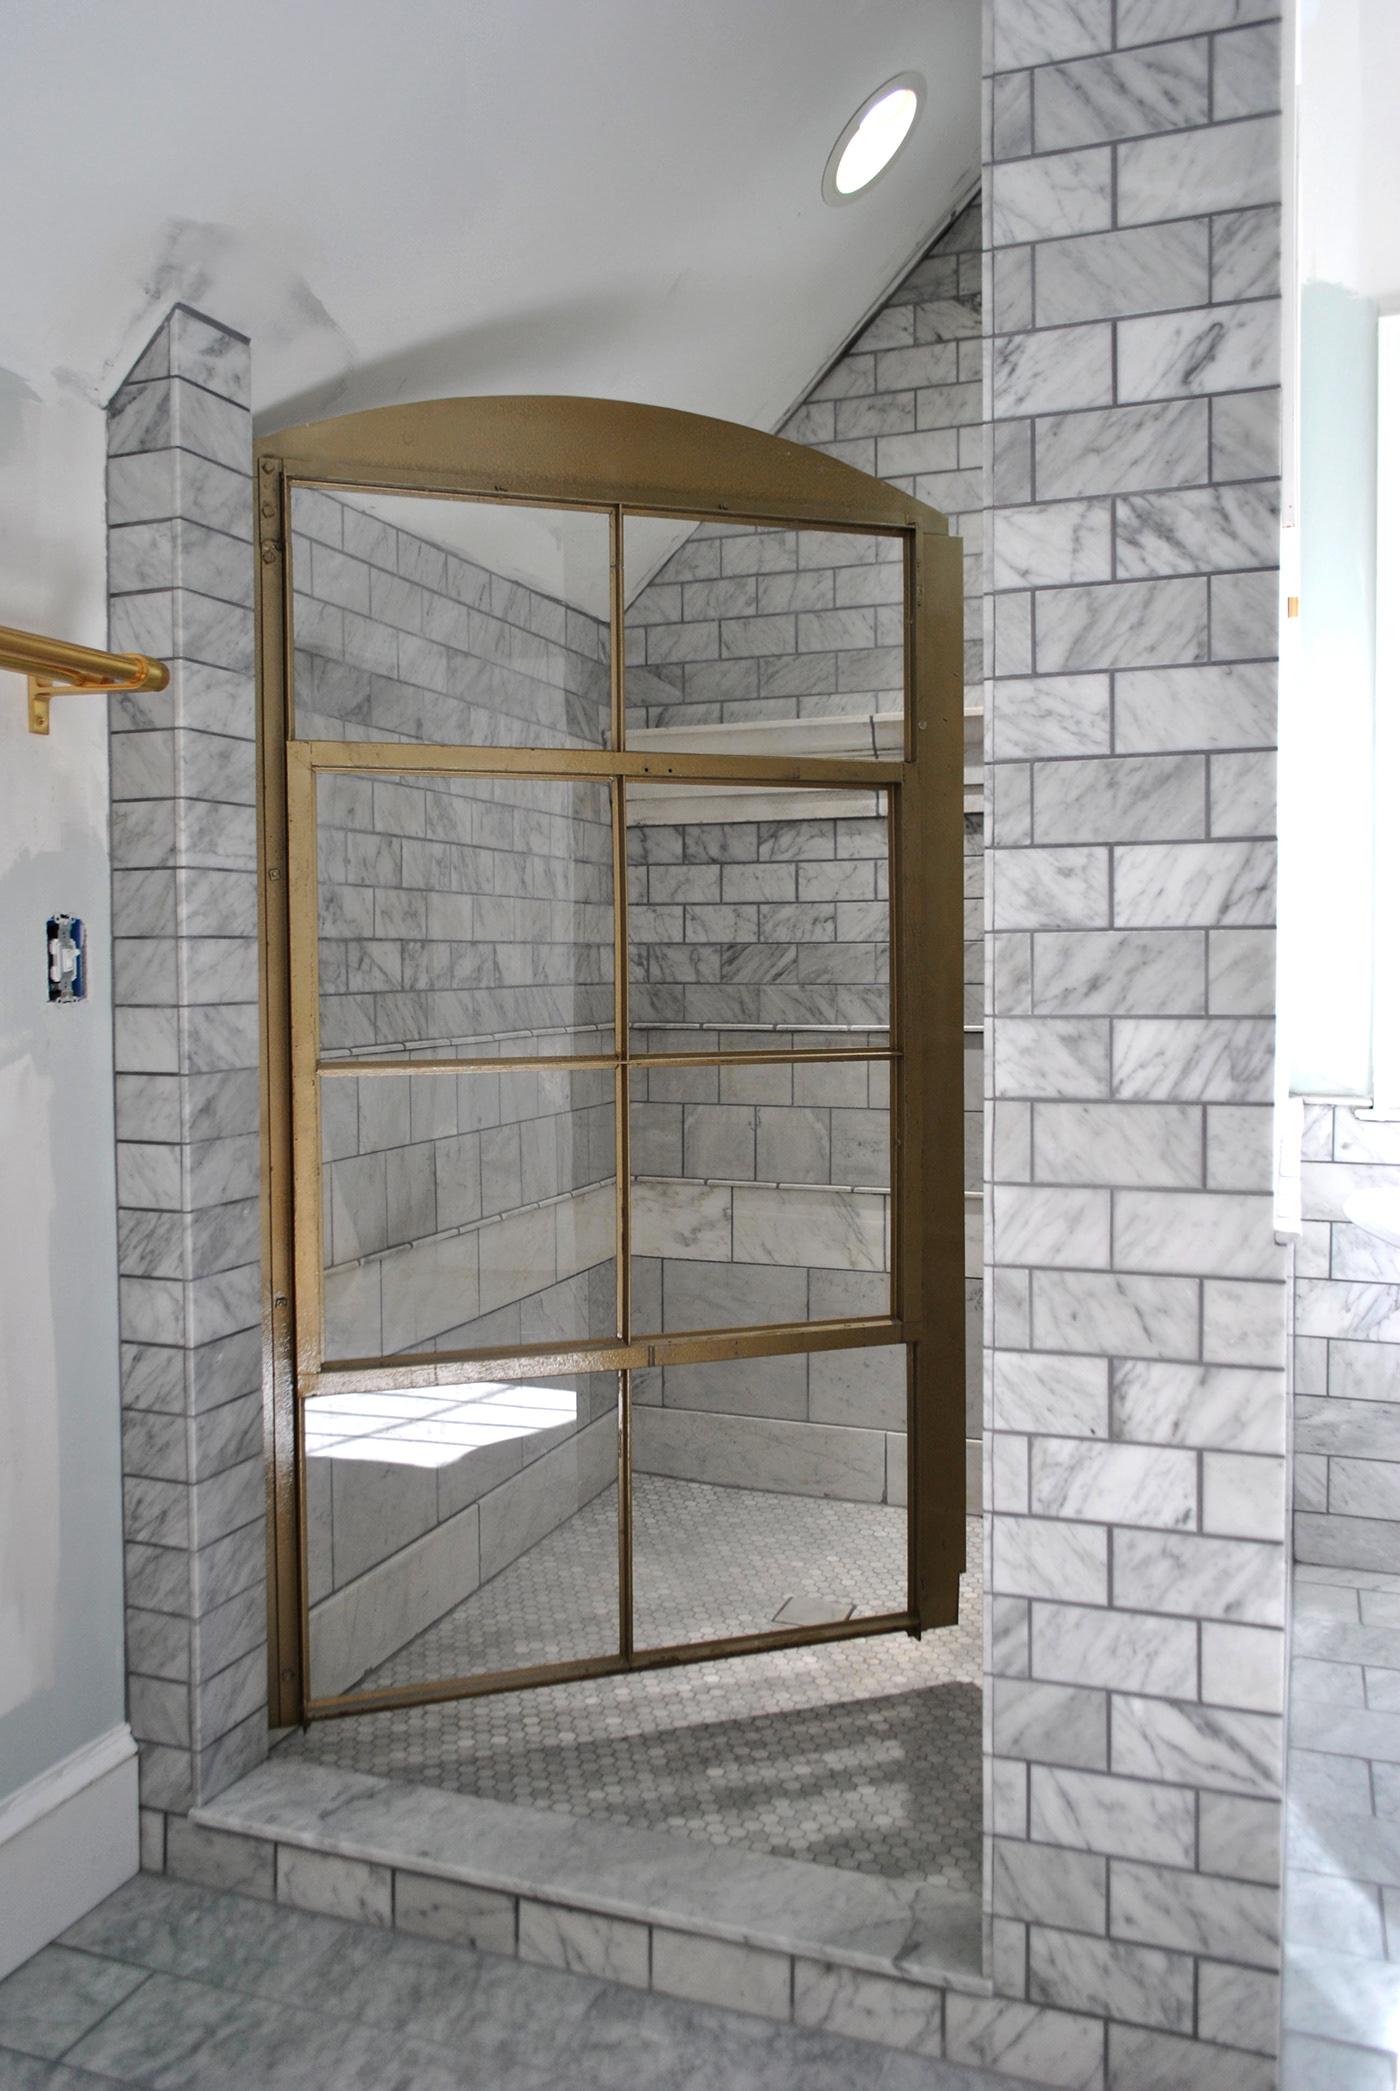 Image may contain: indoor, door and bathroom